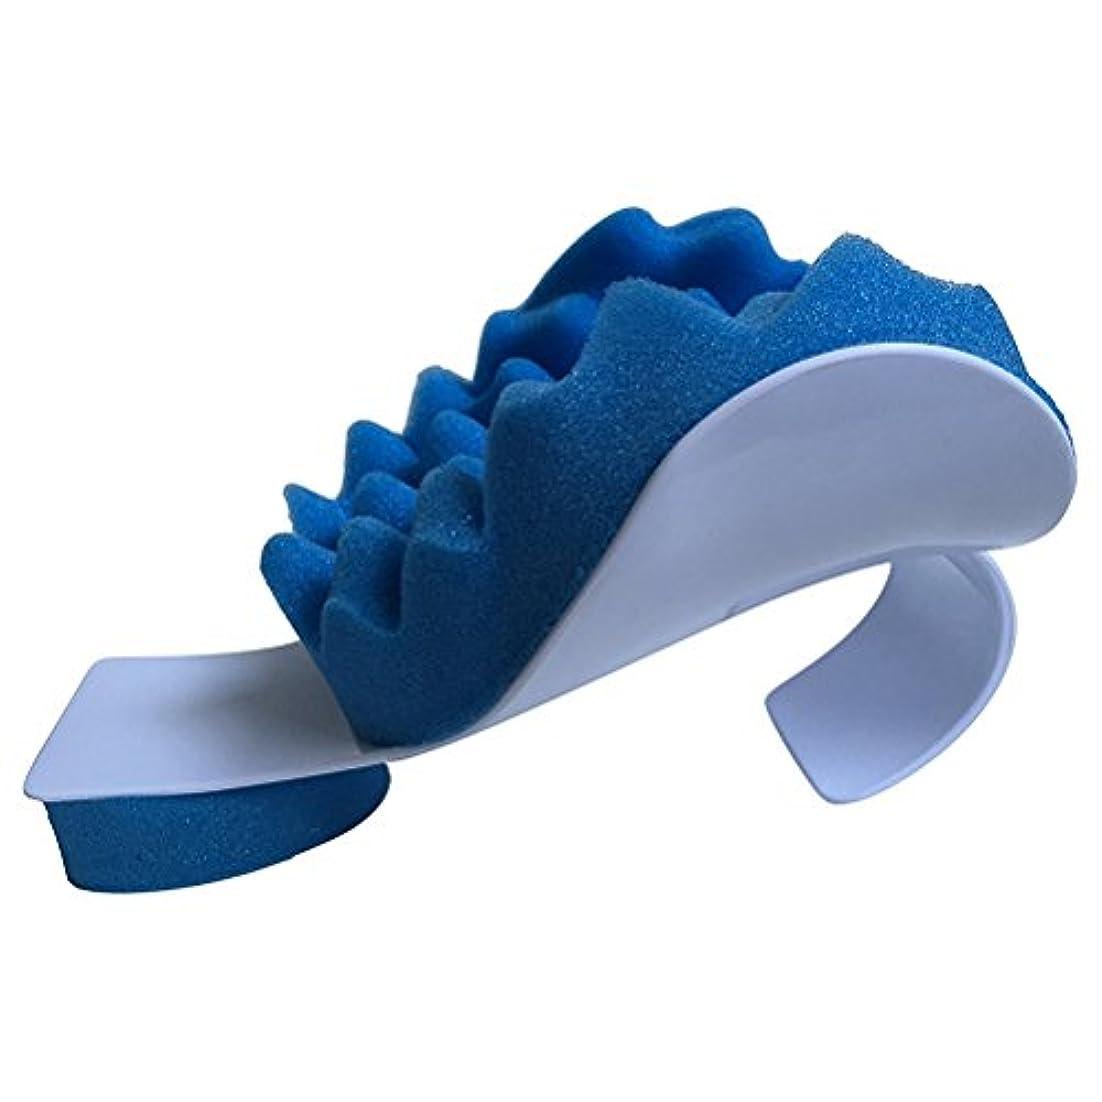 スイング神学校それらROSENICE マッサージ枕ネック痛みリリーフとショルダーリラクサーマッサージトラクションピロー(ブルー)